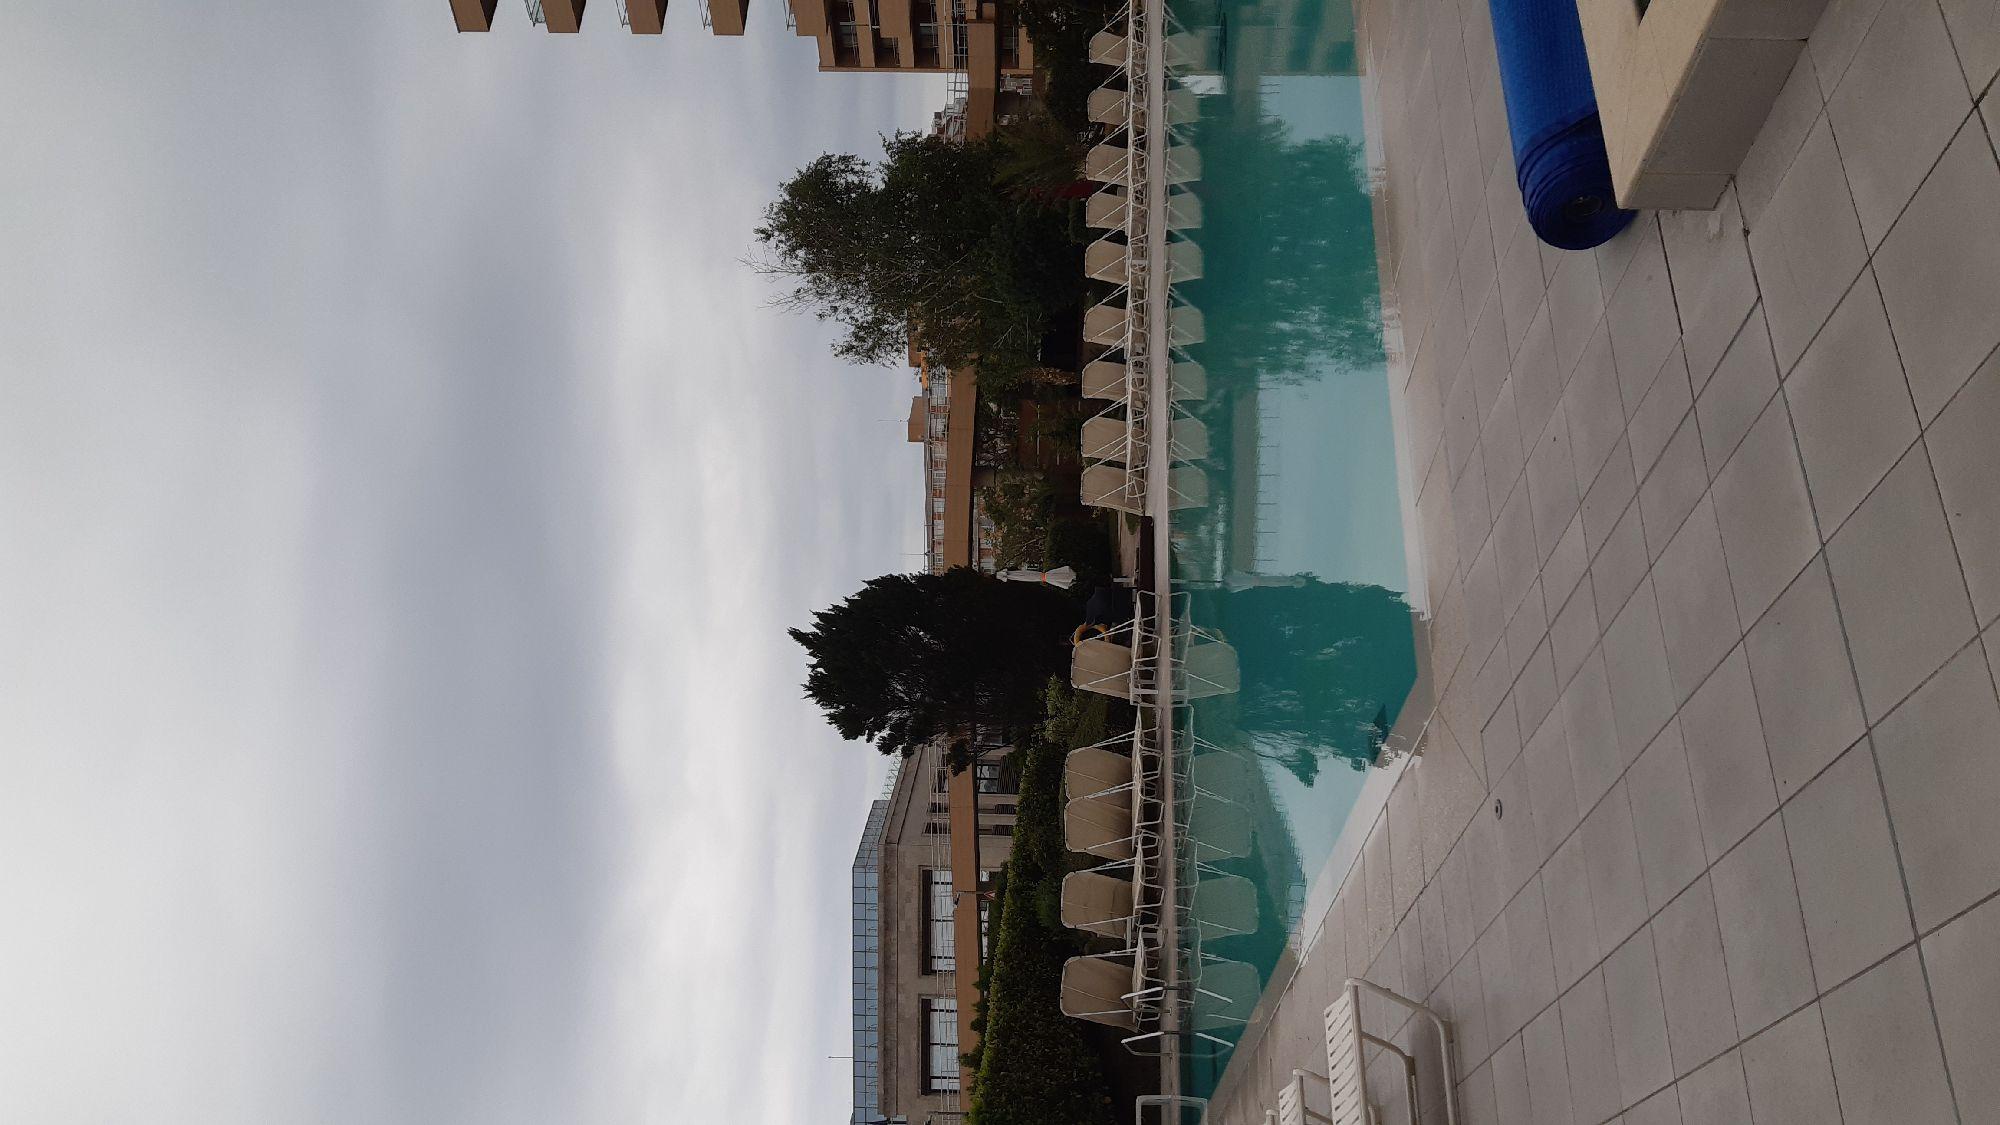 Открытый холодный бассейн. Градусов 16, думаю. После того, как я в нём поплавала минут пятнадцать,  холодно мне уже нигде не было, и даже растирание льдом не произвело впечатления)